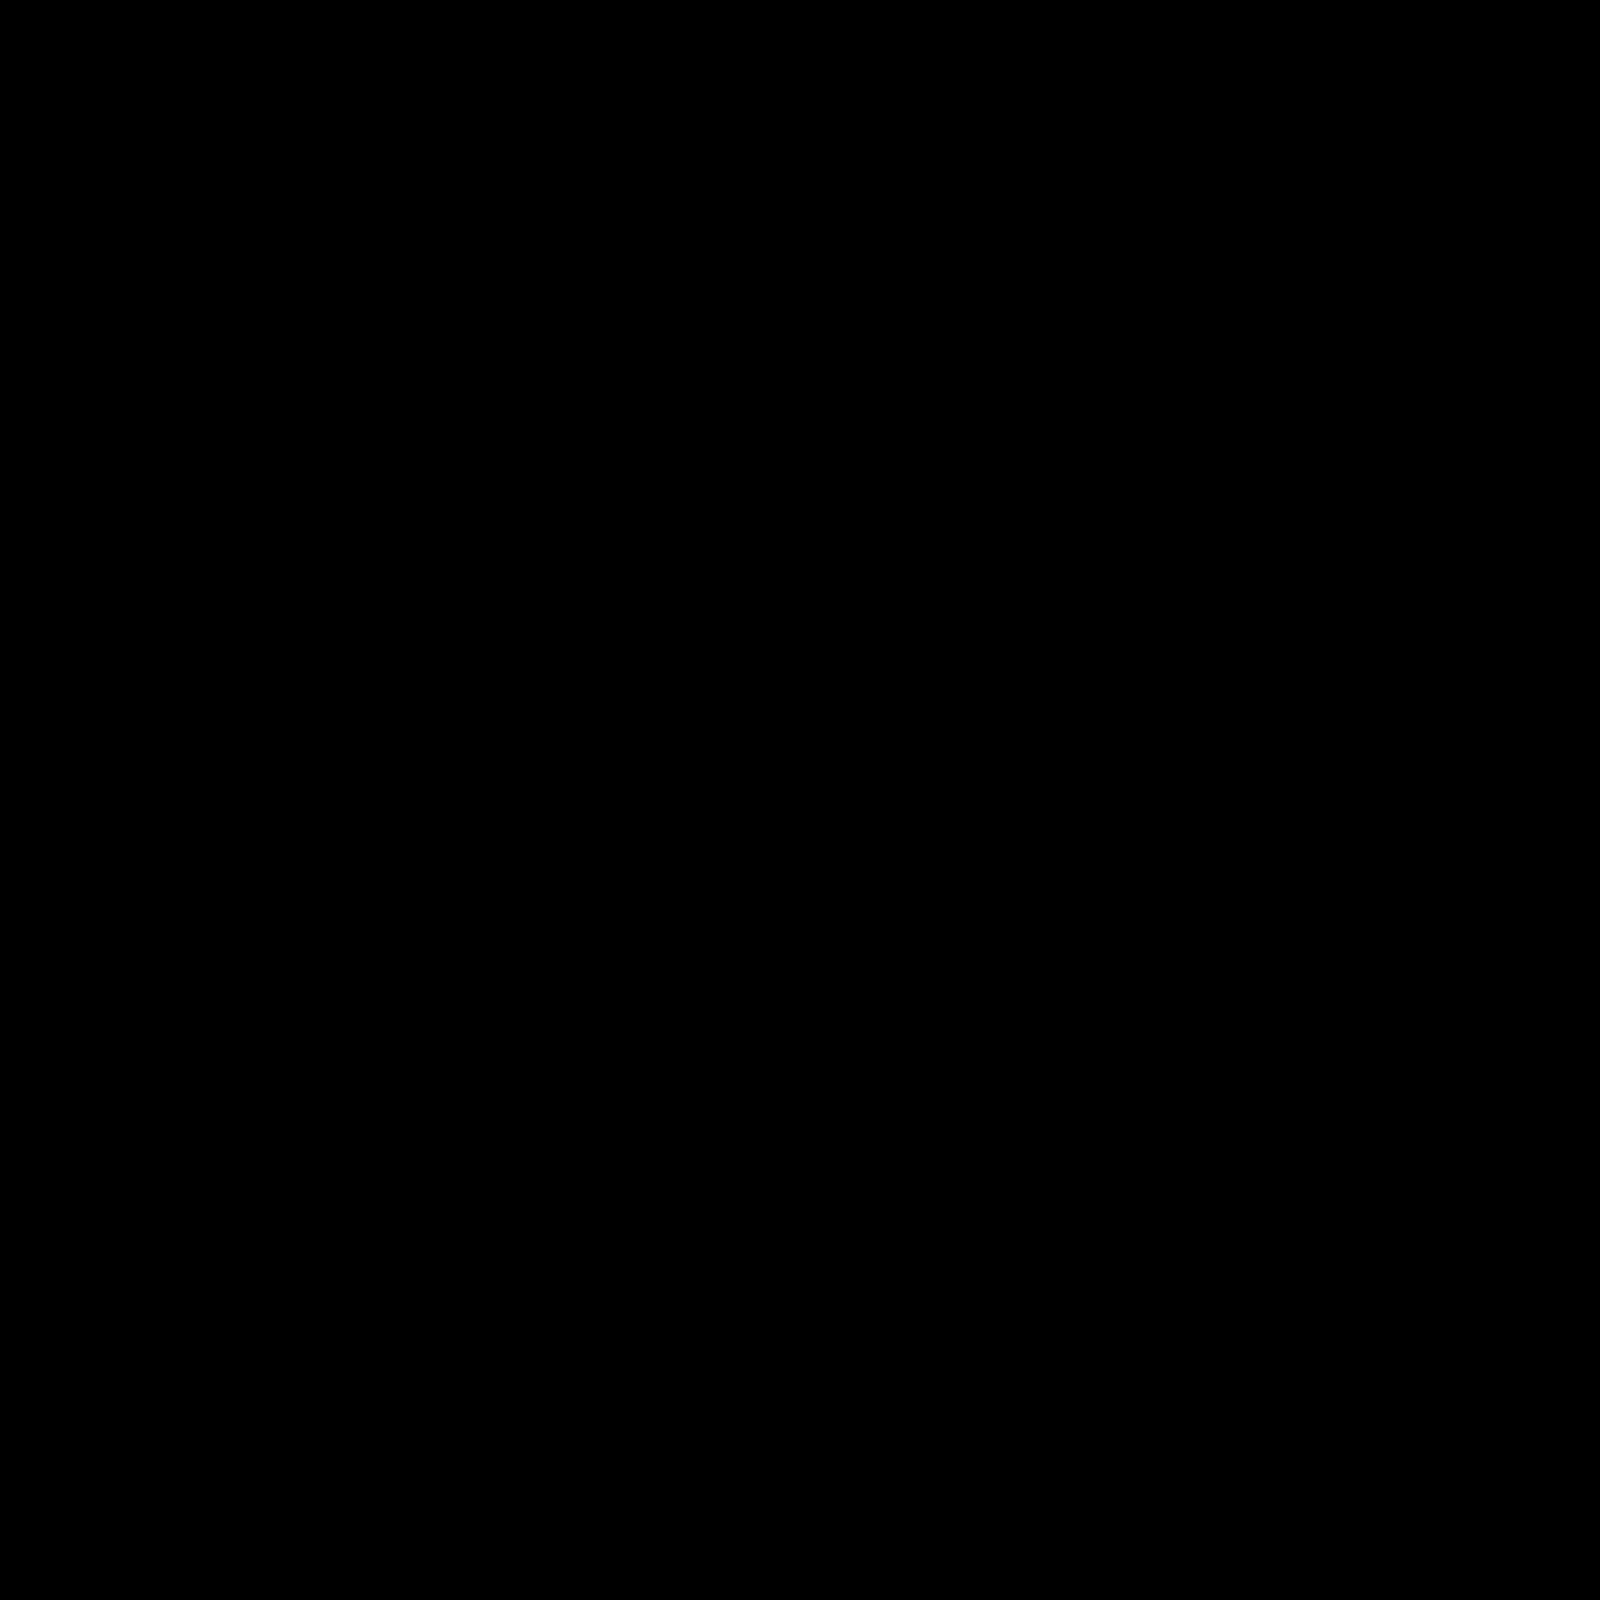 Резервное копирование данных icon